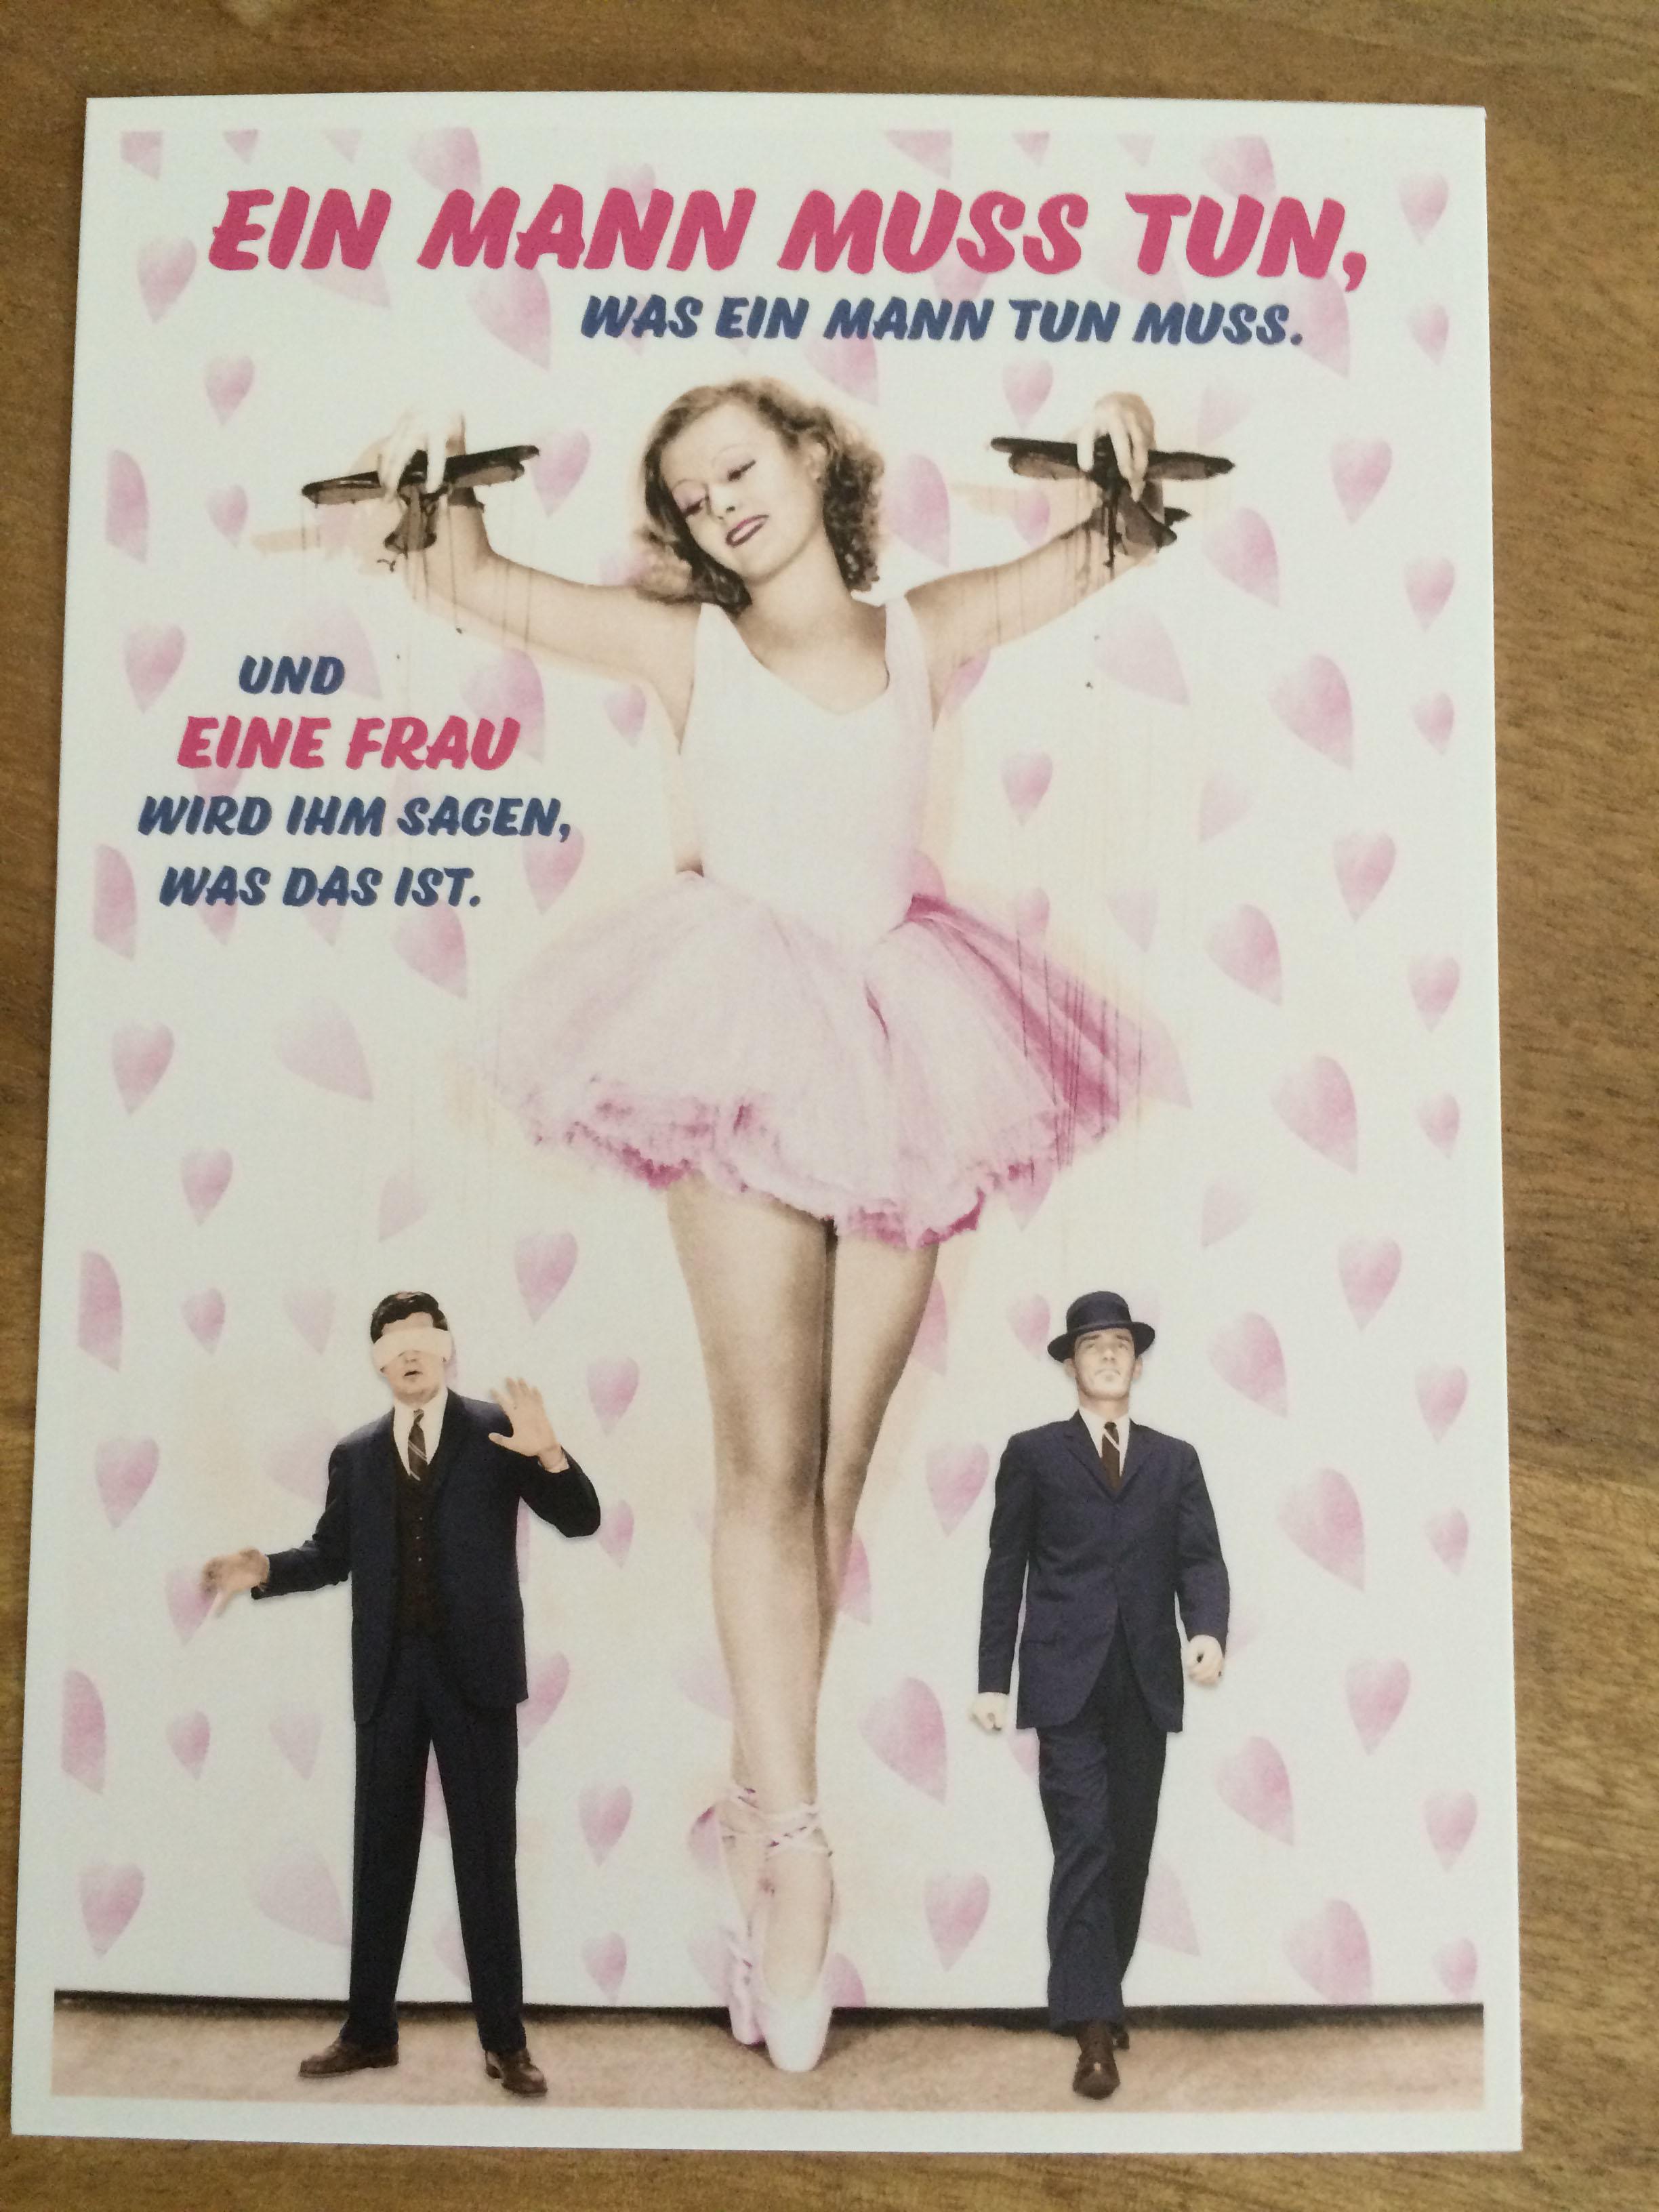 Postkarte Karte Ein Mann muss tun war ein Mann tun muss. Und eine Frau... Paloma